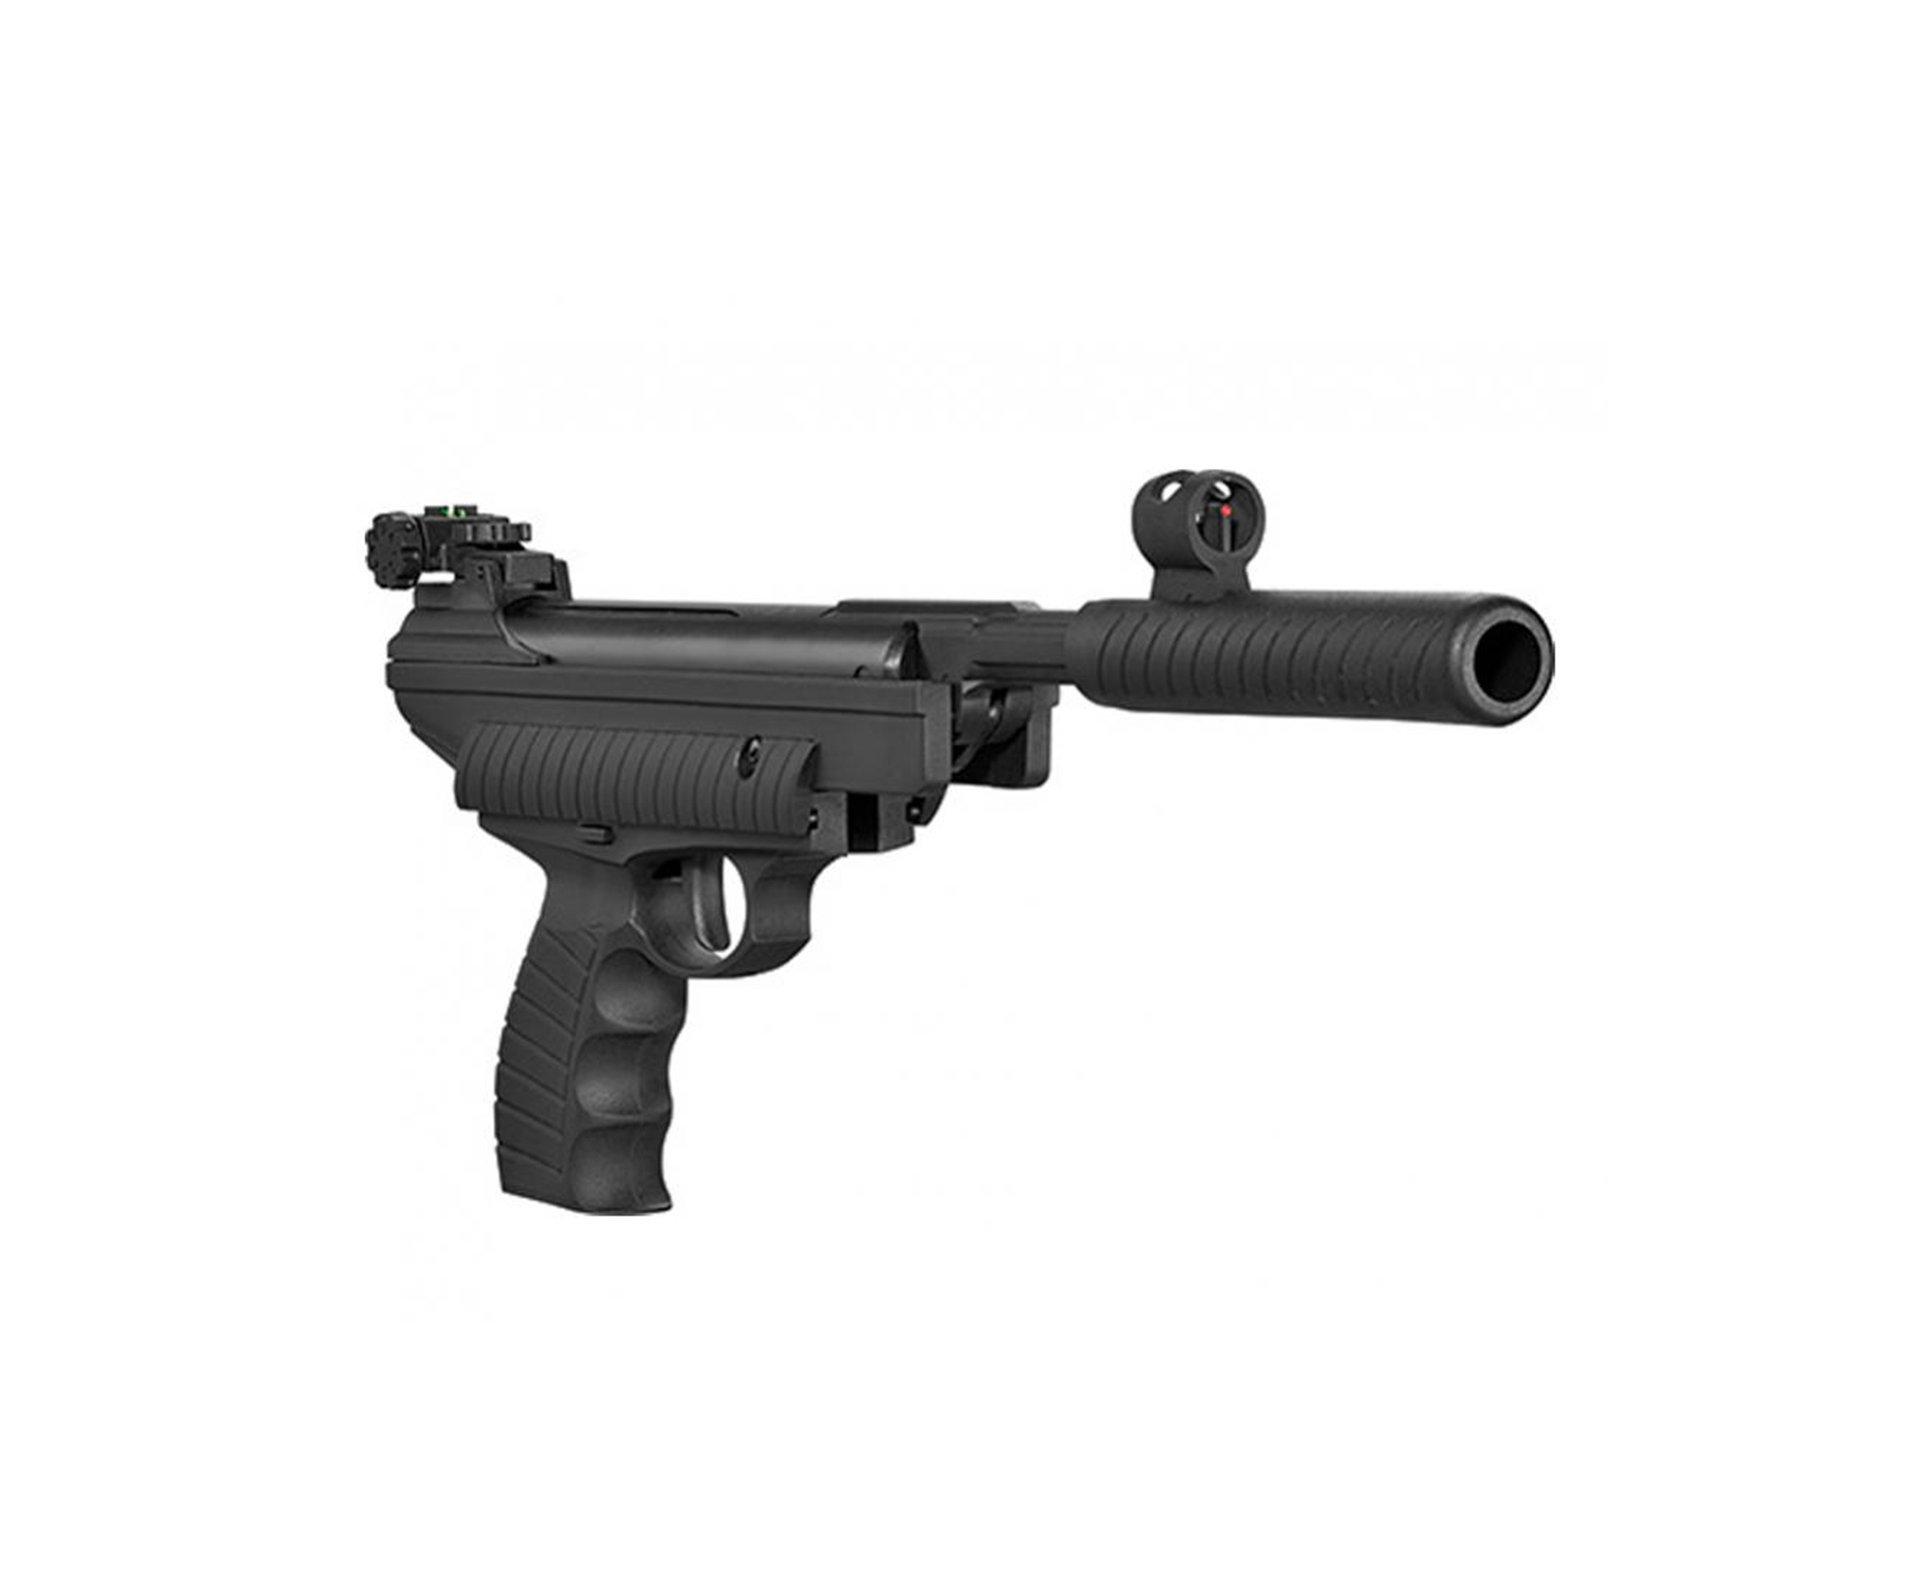 Pistola De Pressão Hatsan Ht 25 - Calibre 4,5 Mm + Coletor De Chumbinhos + Alvos + Chumbinhos + óculos De Proteção